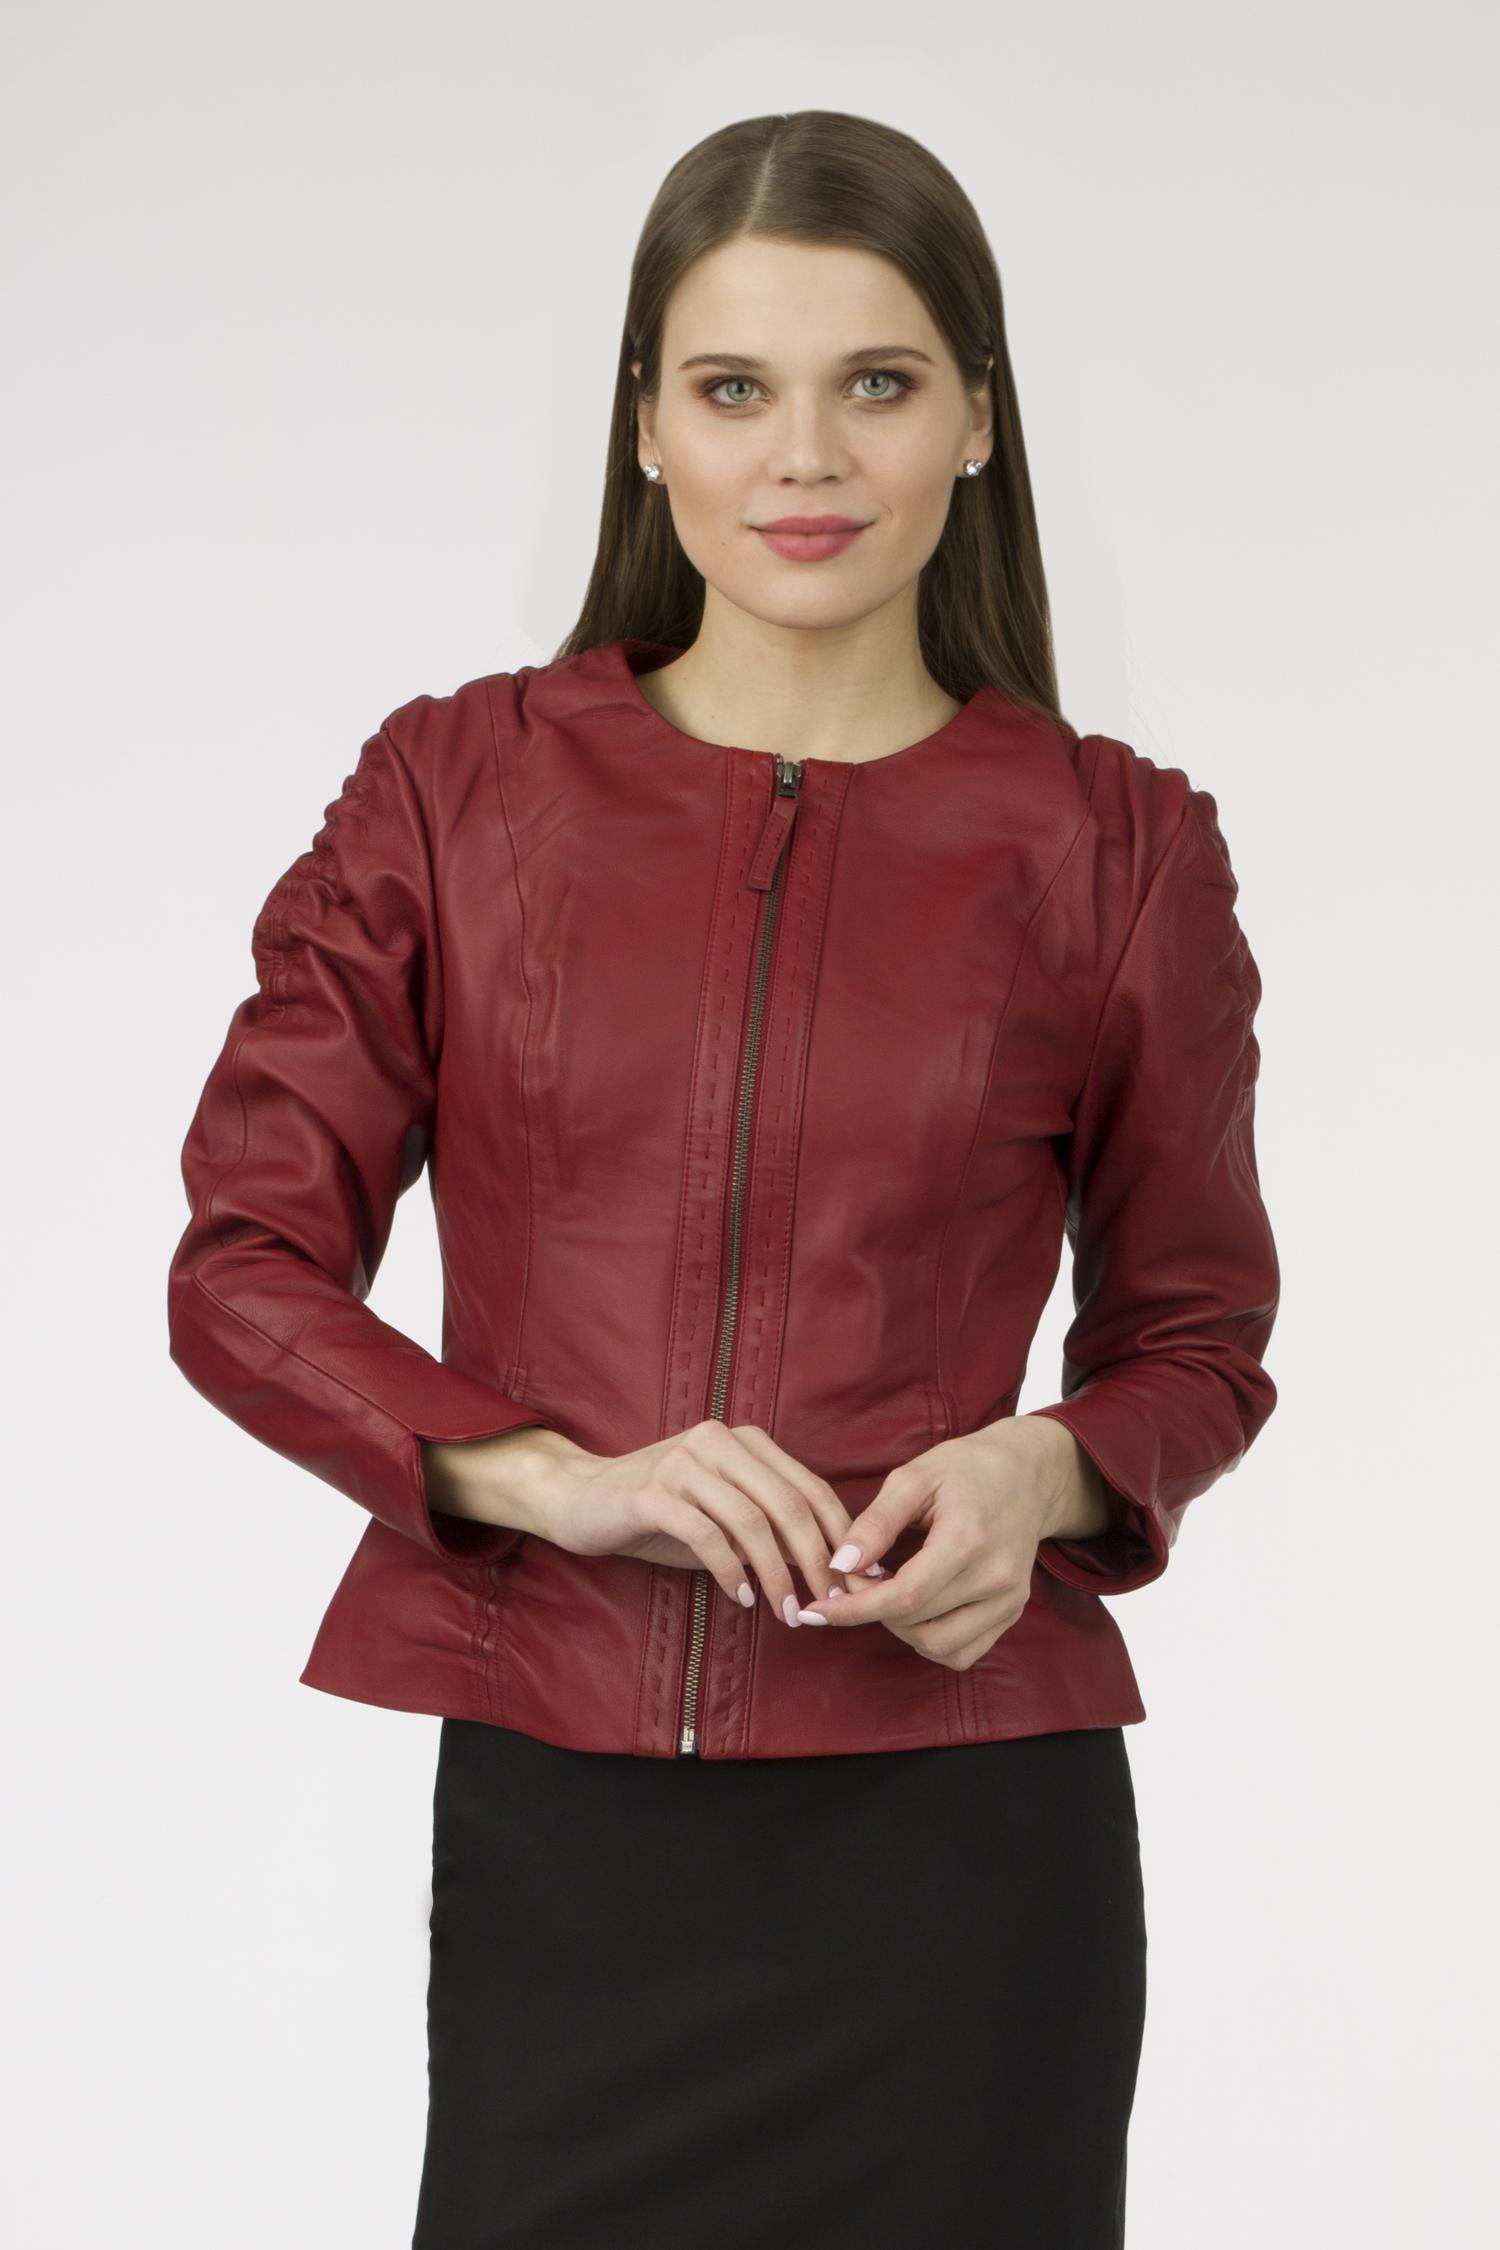 Купить со скидкой Женская кожаная куртка из натуральной кожи без воротника